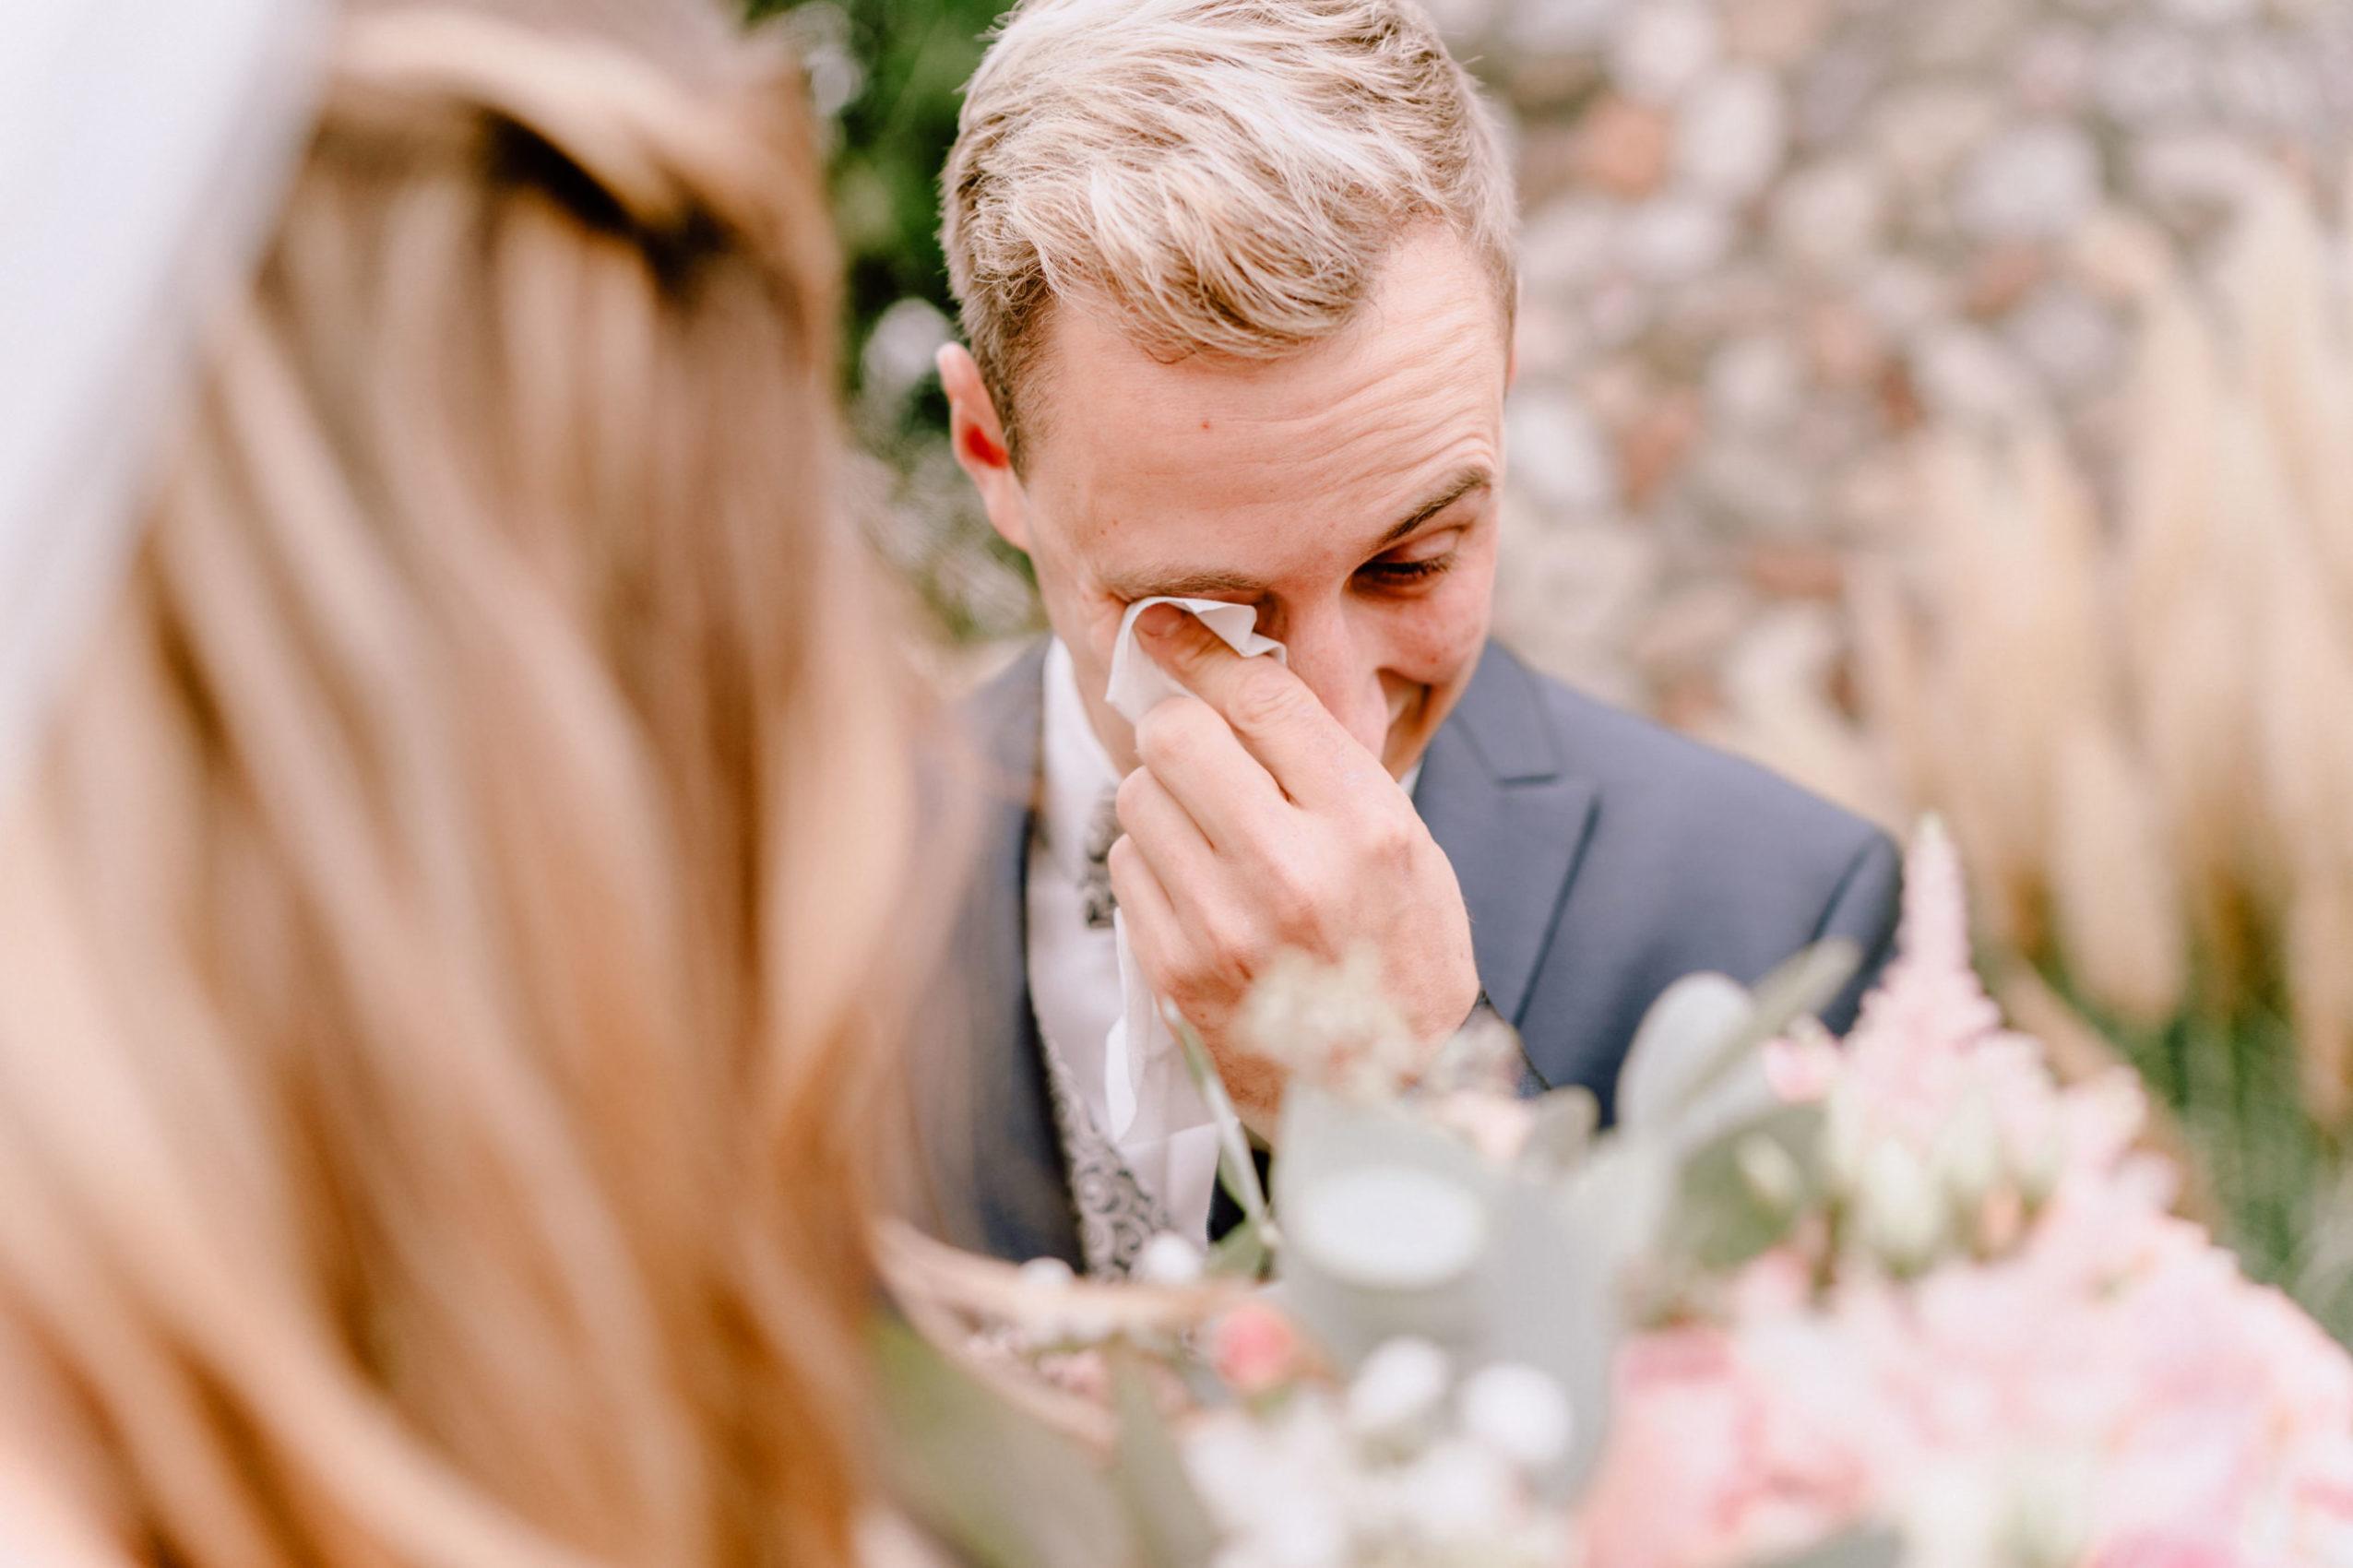 Natürliche, emotionale Hochzeitsfotos, Bohohochzeit, Vintagehochzeit, moderne Hochzeit in Offenburg, Ettenheim, Freiburg, Preise Hochzeitsfotograf, Preise Hochzeitsfotograf Offenburg